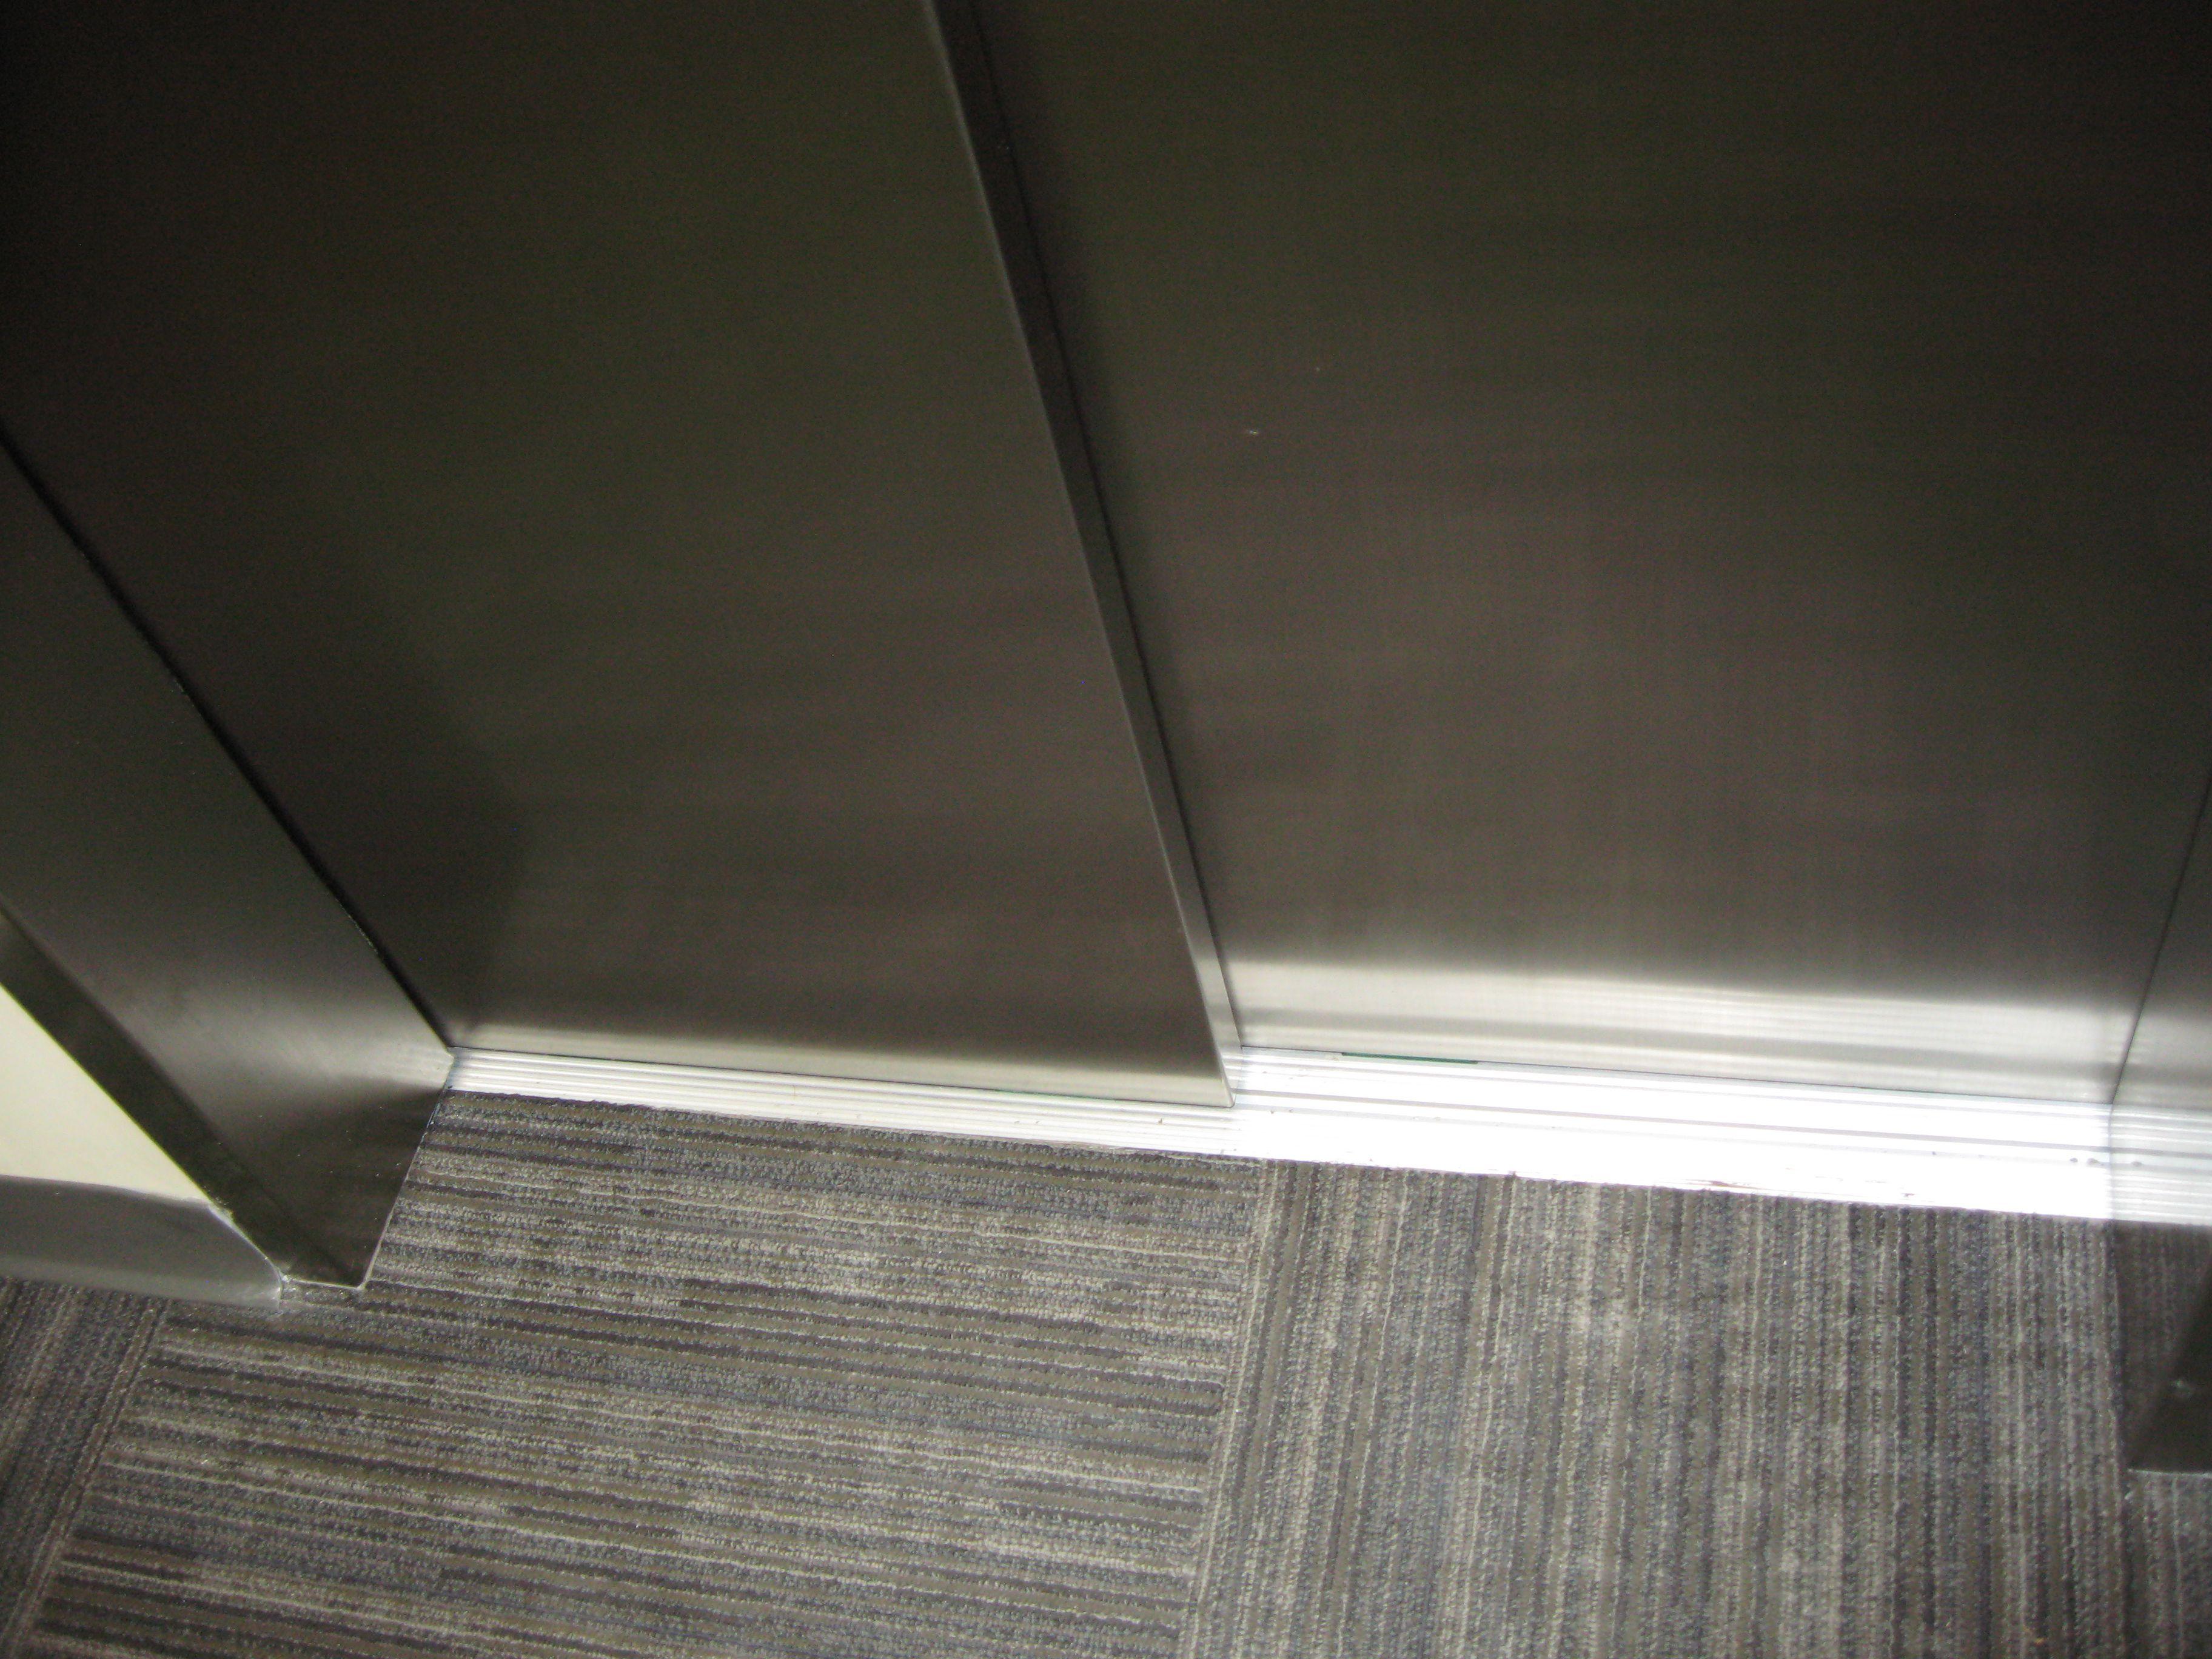 LULA Elevators - Access Lifts, Inc